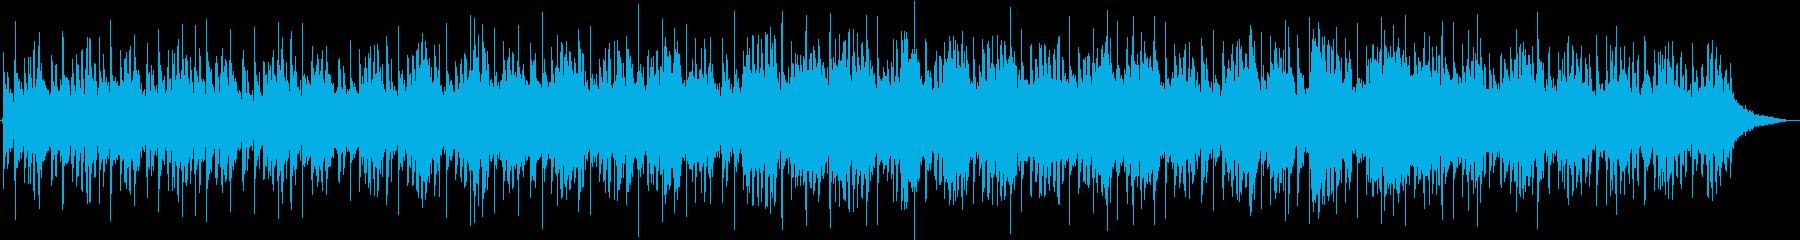 暗く荒んだイメージのアンビエント曲の再生済みの波形